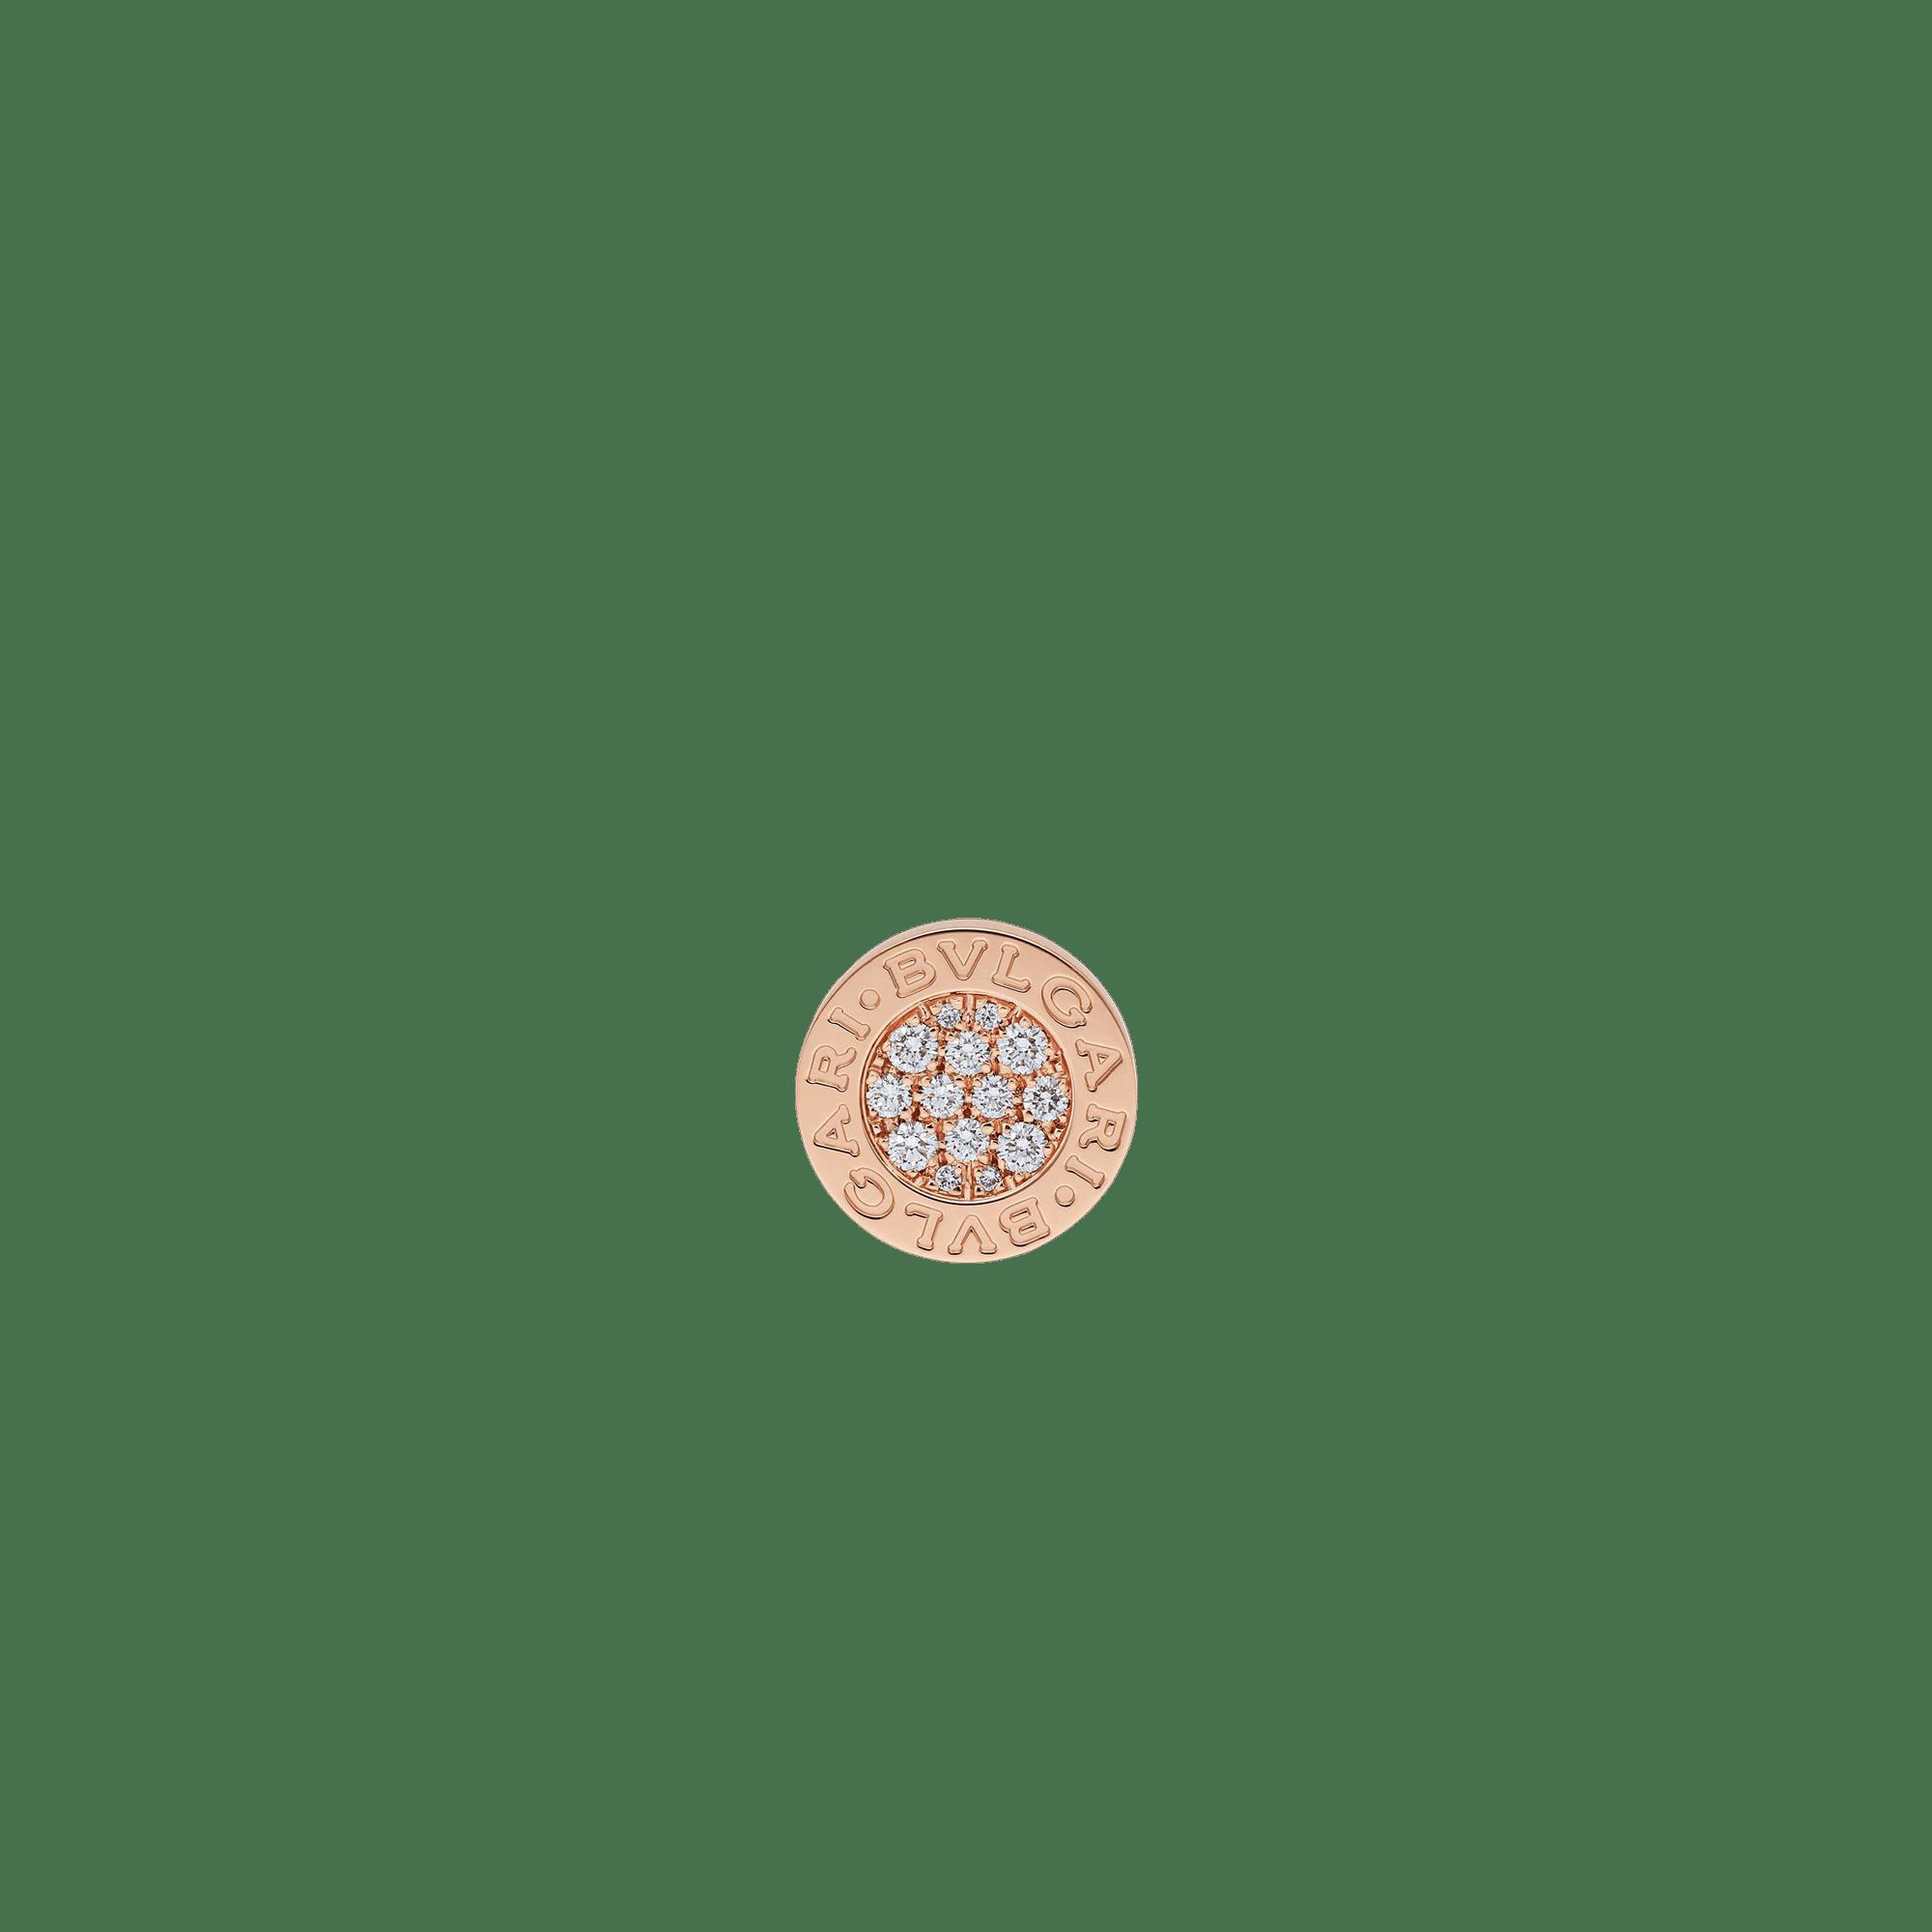 Orecchino BVLGARI